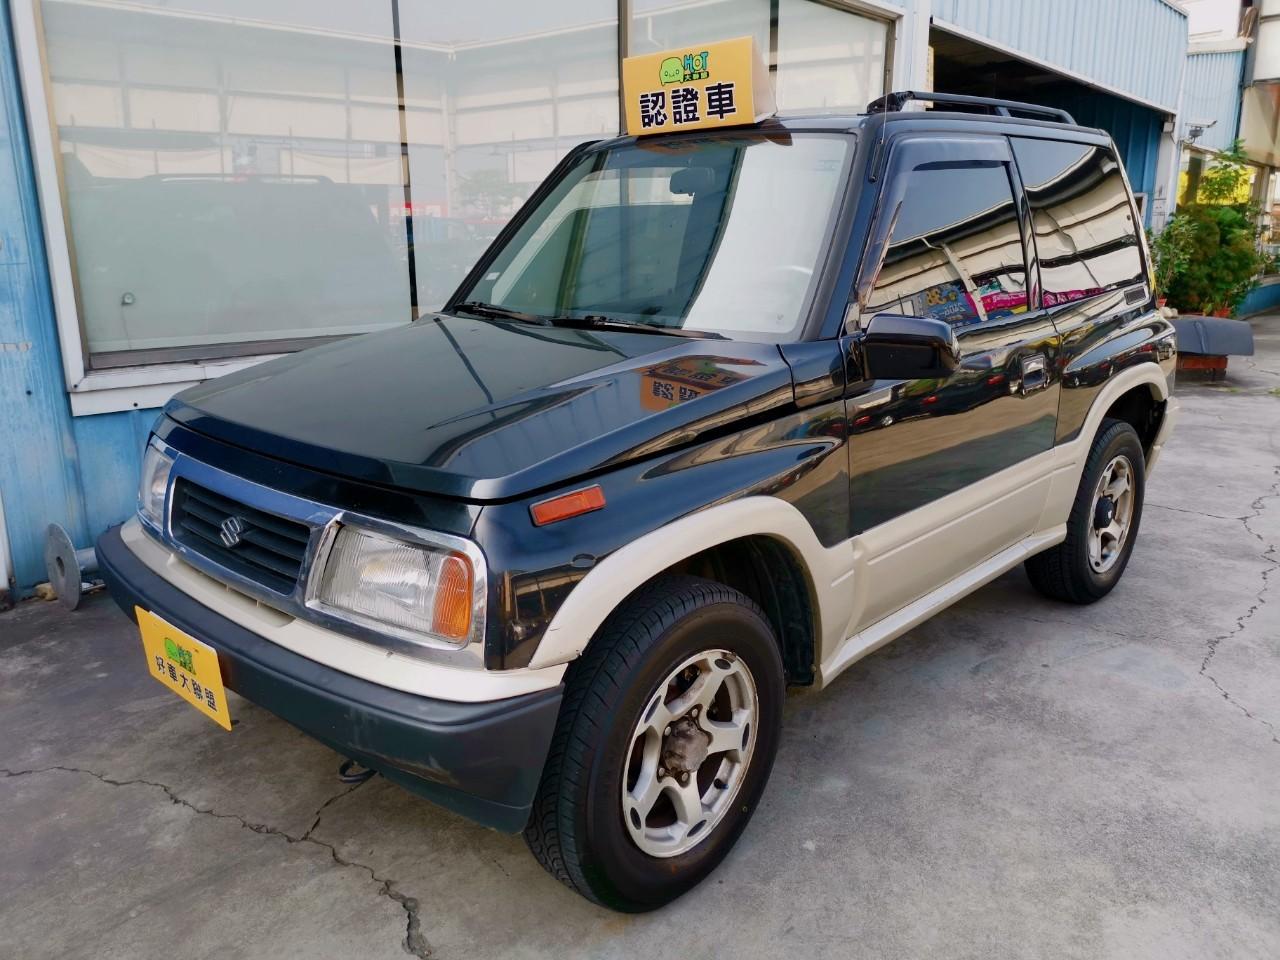 2005 Suzuki 鈴木 其他